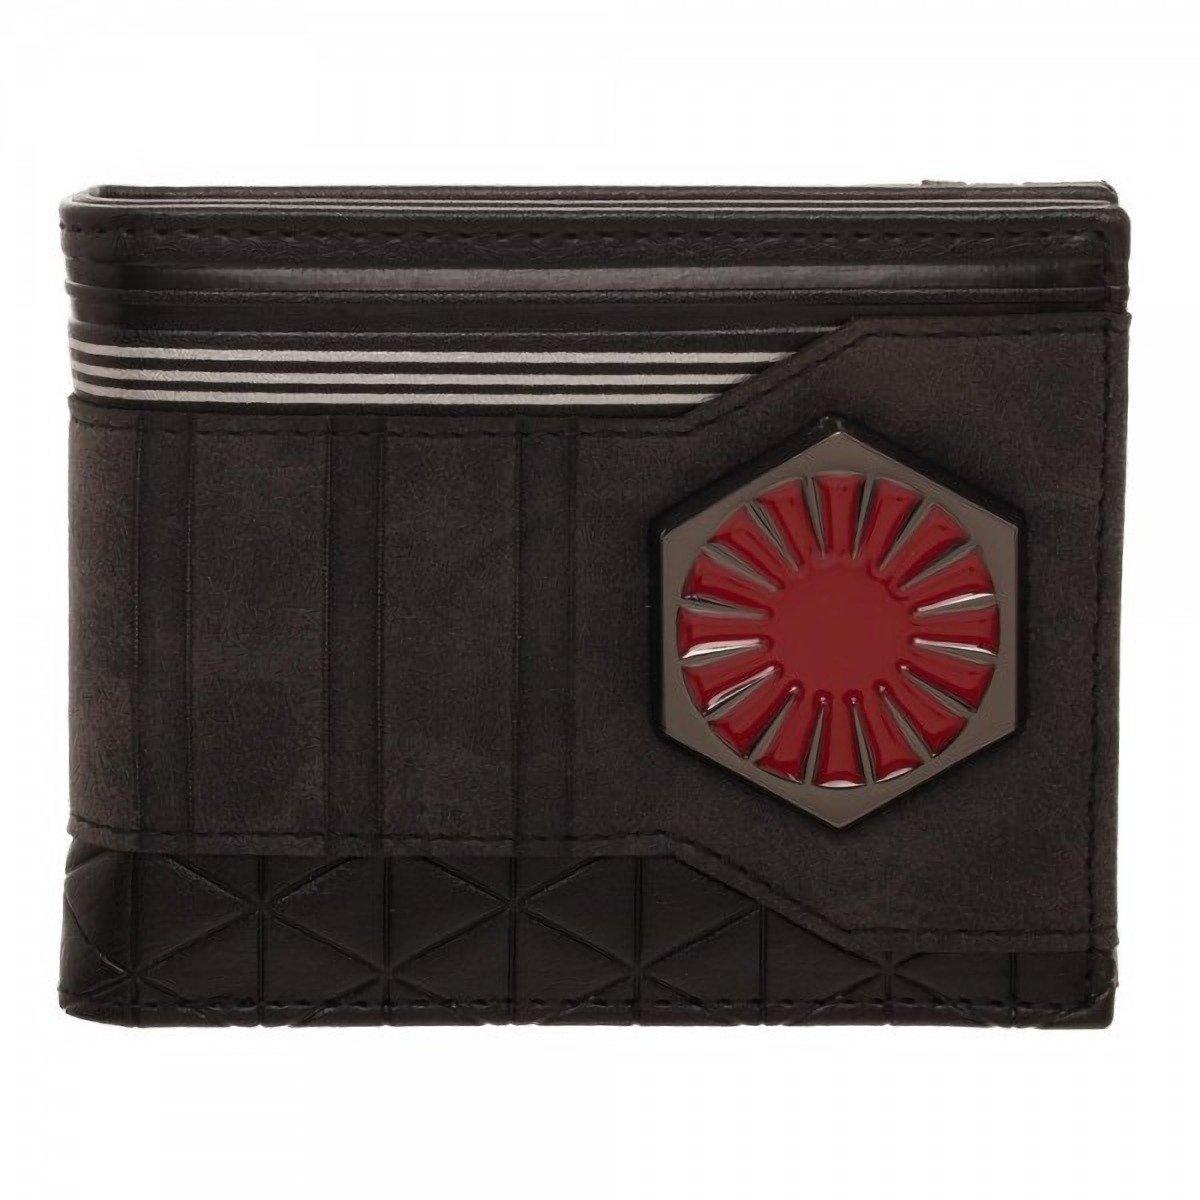 Star Wars Episode 8 Bi-Fold Wallet Imperial image